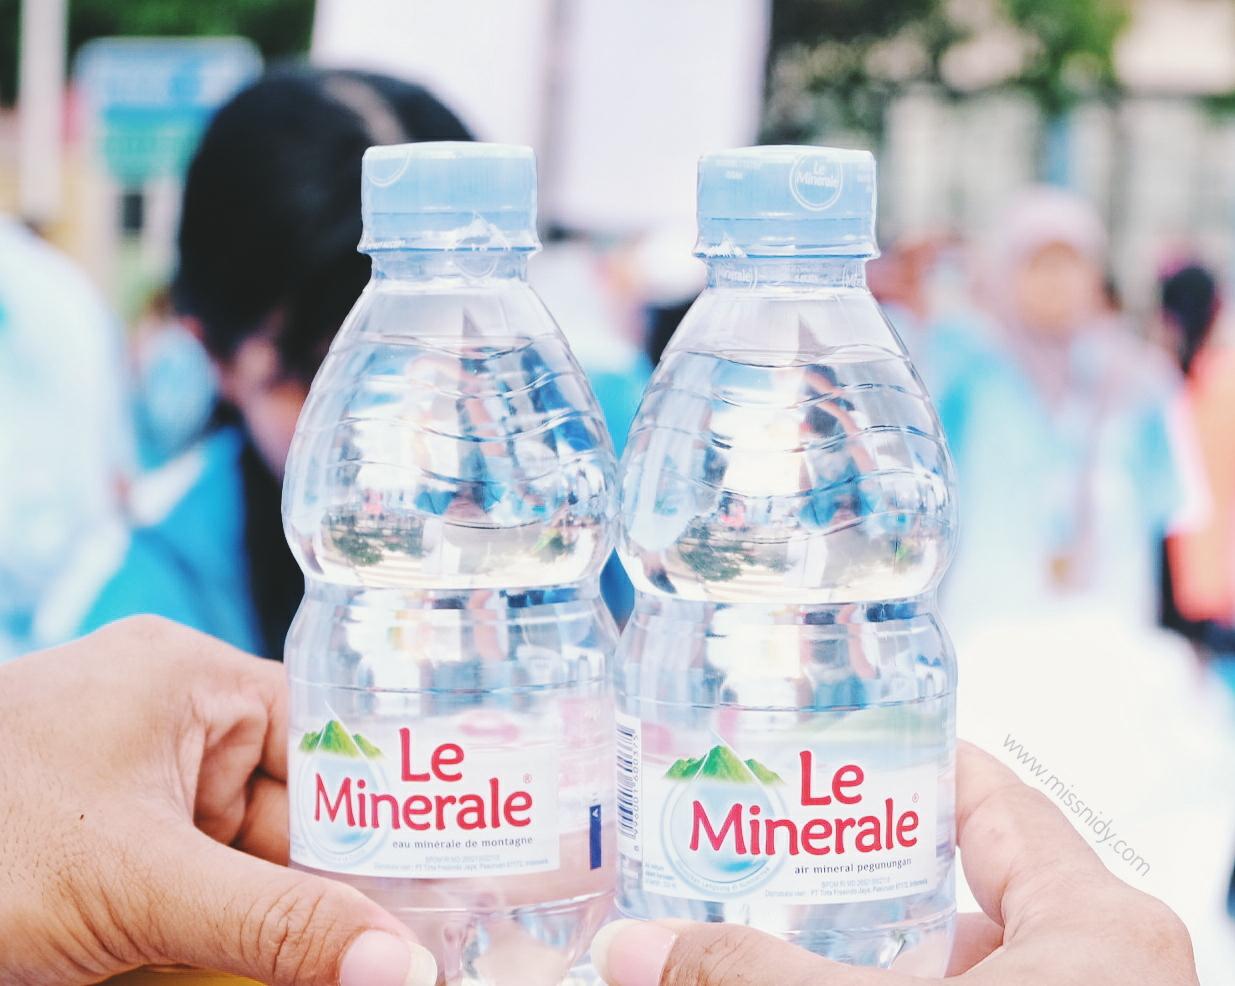 air kemasan le minerale aman dari pemalsuan